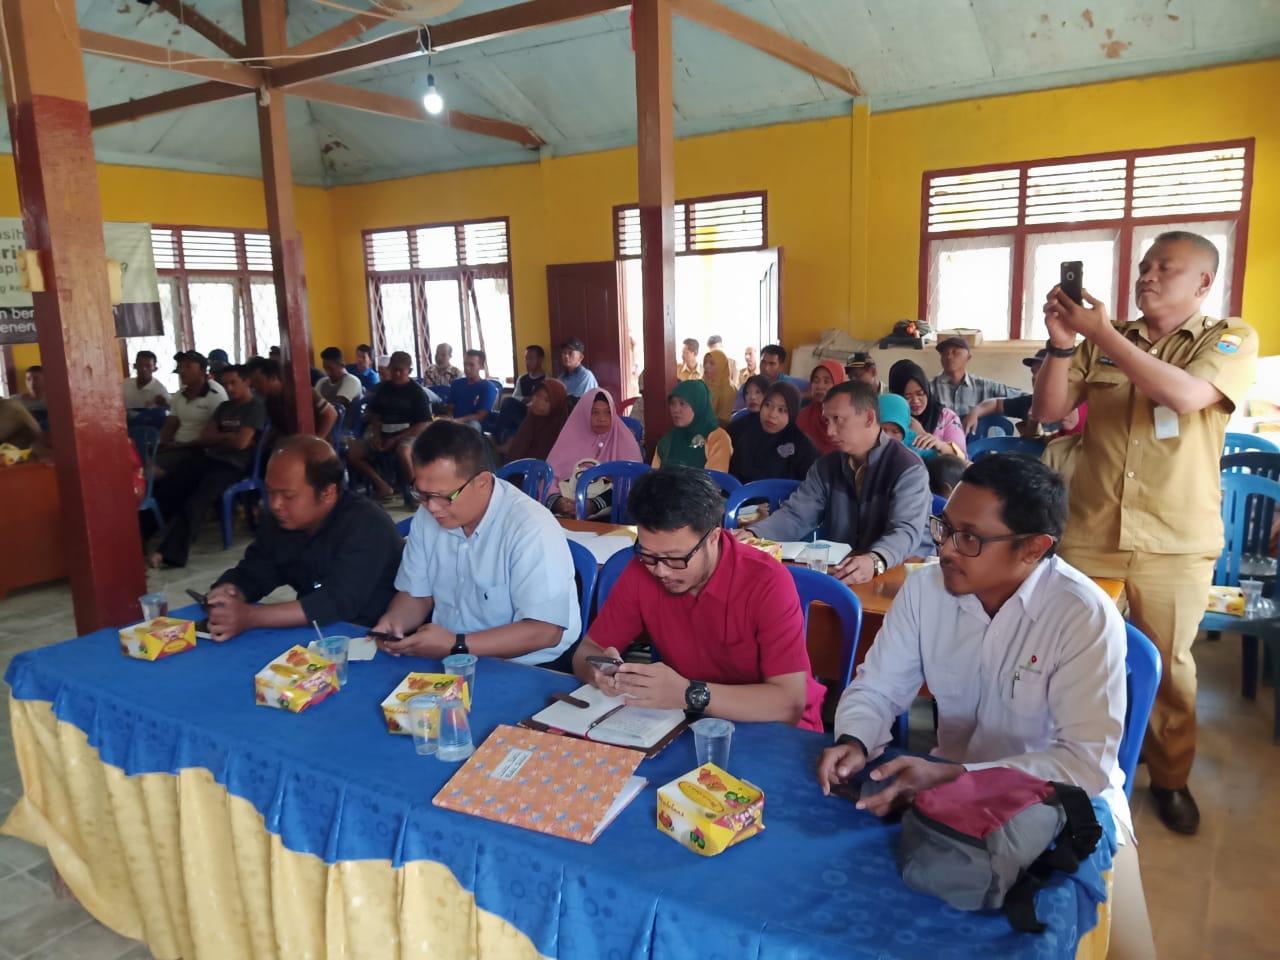 Suasana pertemuan warga Desa Bukit Subur Bahar Selatan ihwal Ilegal Driling